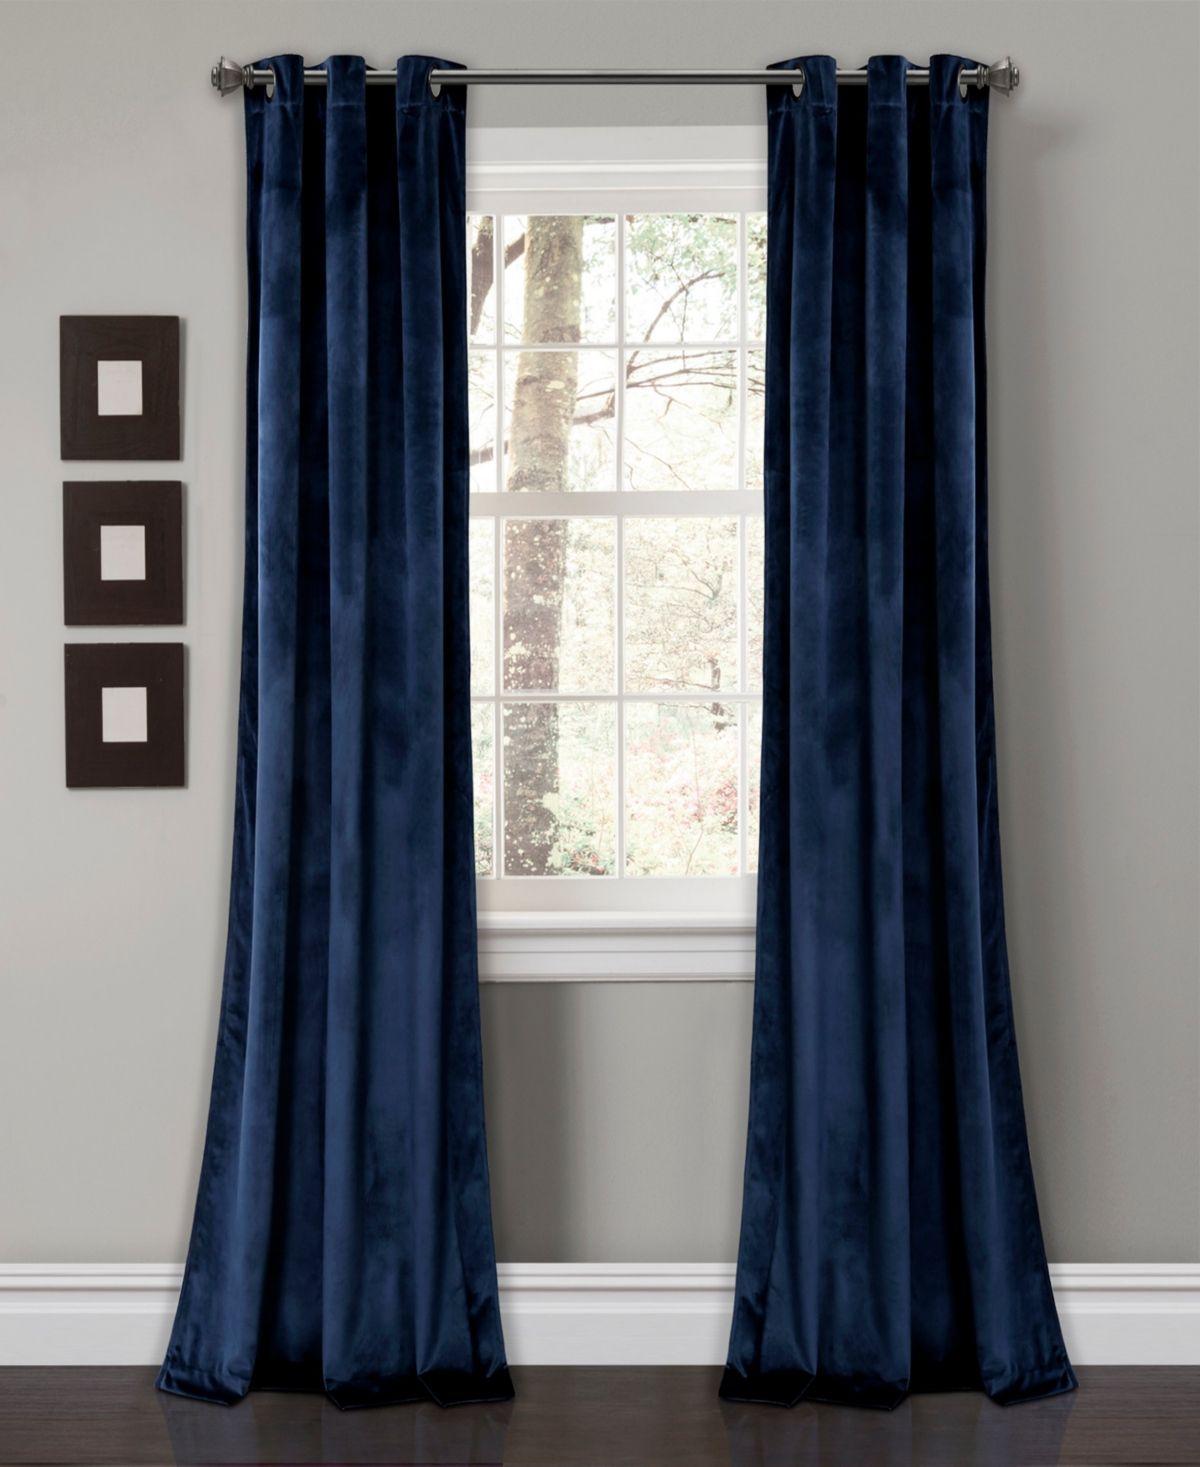 Pair Of Decorative Designer Custom Curtains Drapes Navy On Cream